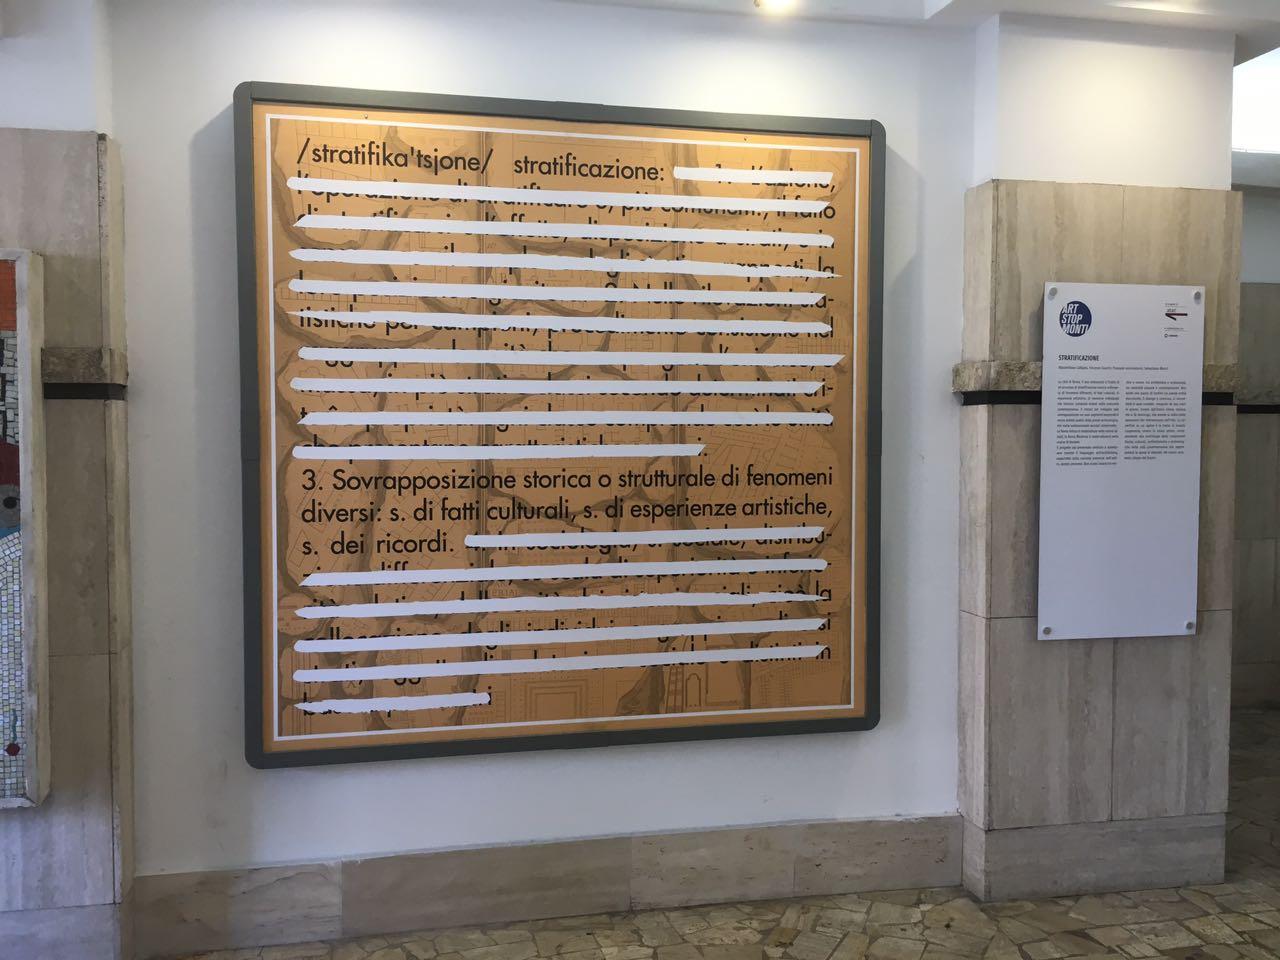 Massimiliano Cafagna, Vincenzo Guarini, Pasquale Iconantonio  e Sebastiano Marini - stratificazione 1_giugno_luglio